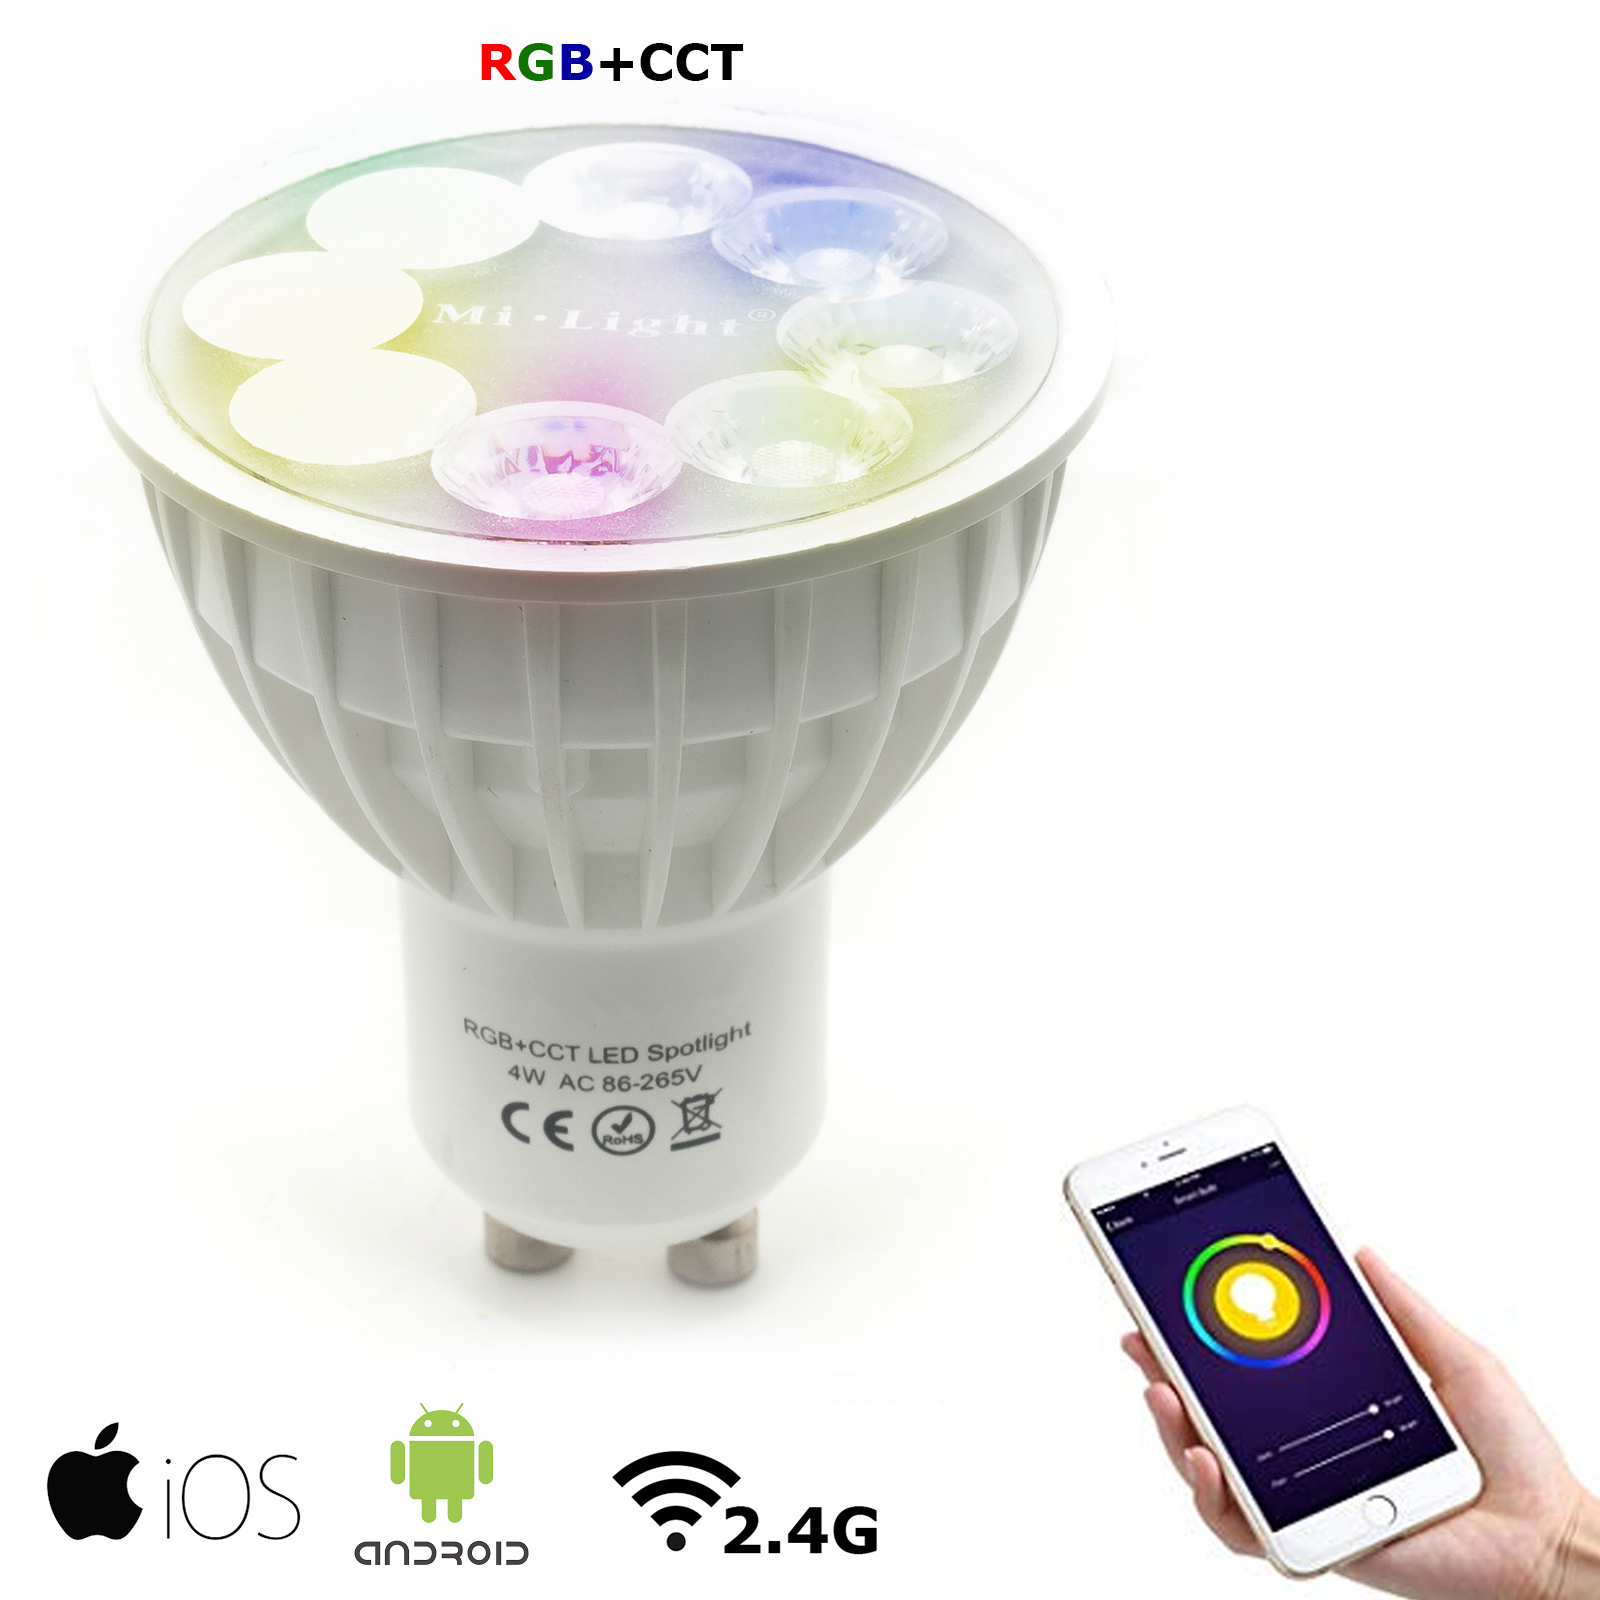 Lampada Per Faretto A Led.Faretto Lampada Smart Led Gu10 4w Rgb Cct Rf 2 4ghz Spotlight Dimmerabile 280lm